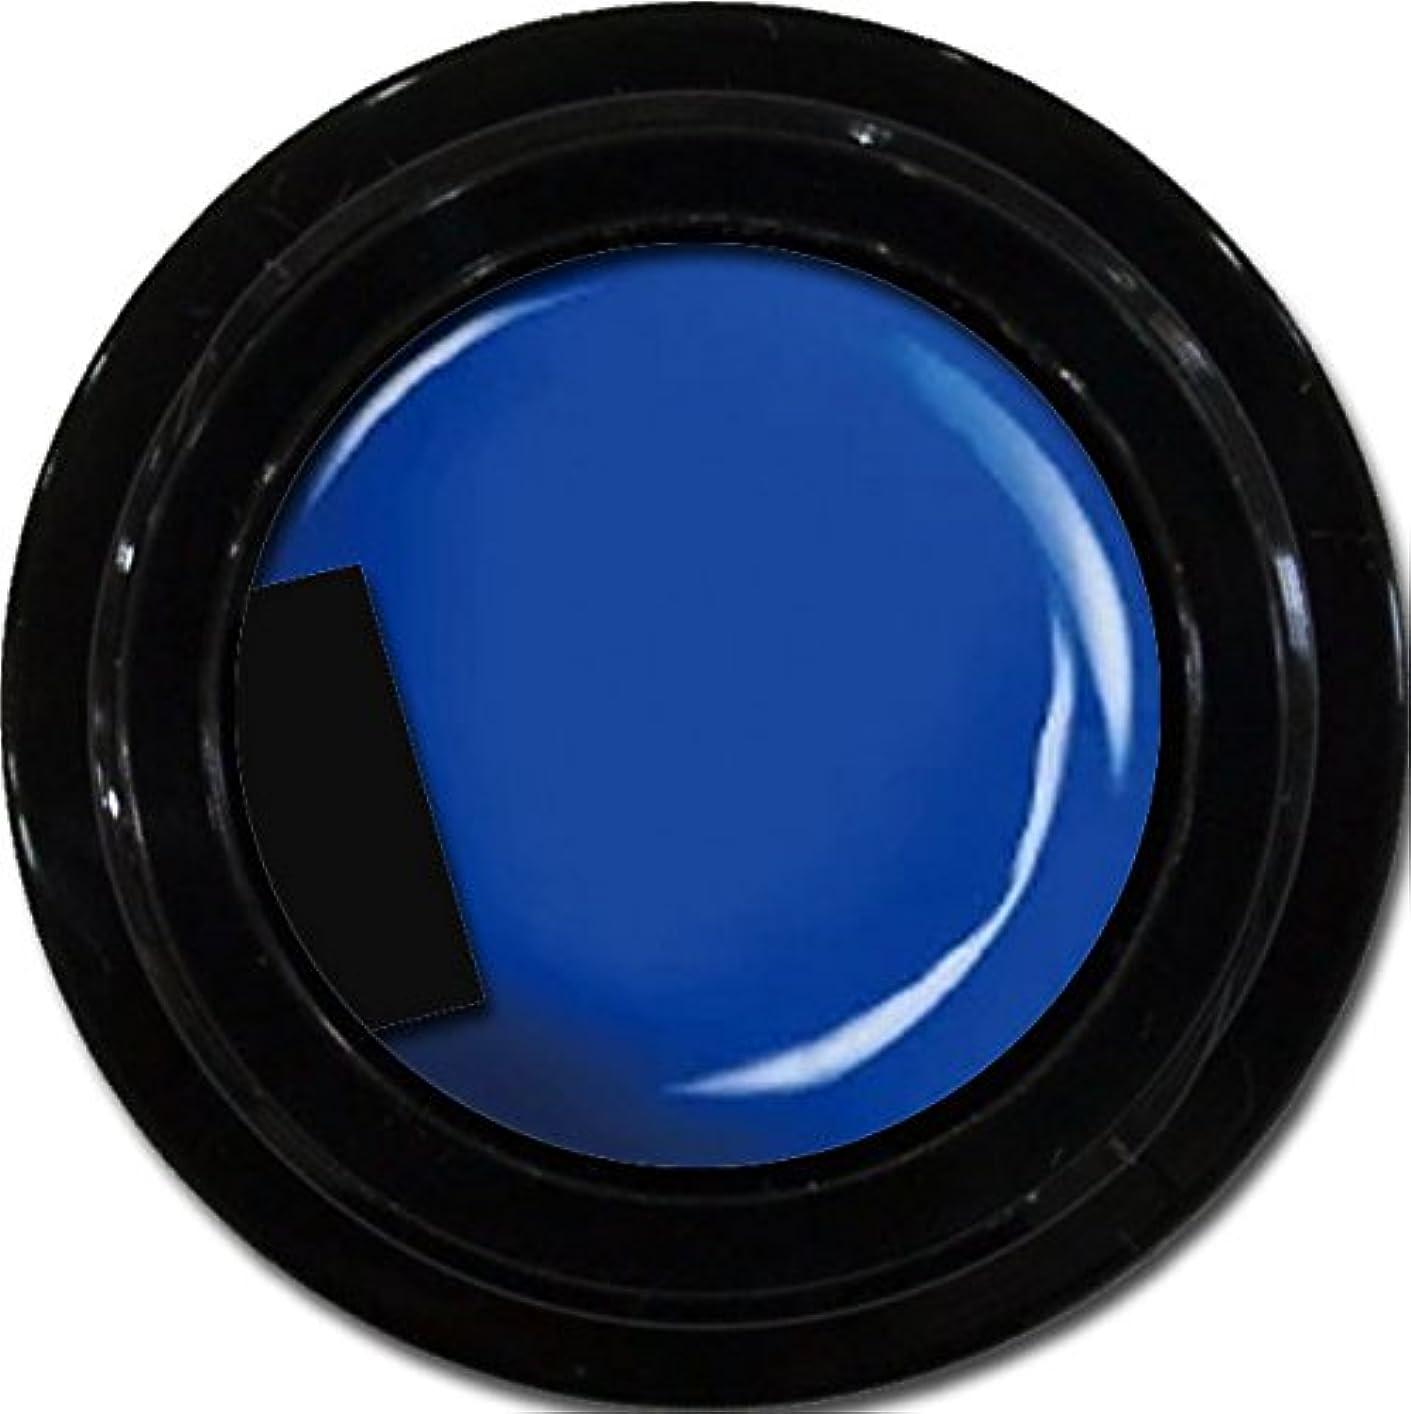 ペルメルマーベル干ばつカラージェル enchant color gel M708 UltraMarine 3g/ マットカラージェル M708 ウルトラマリン 3グラム